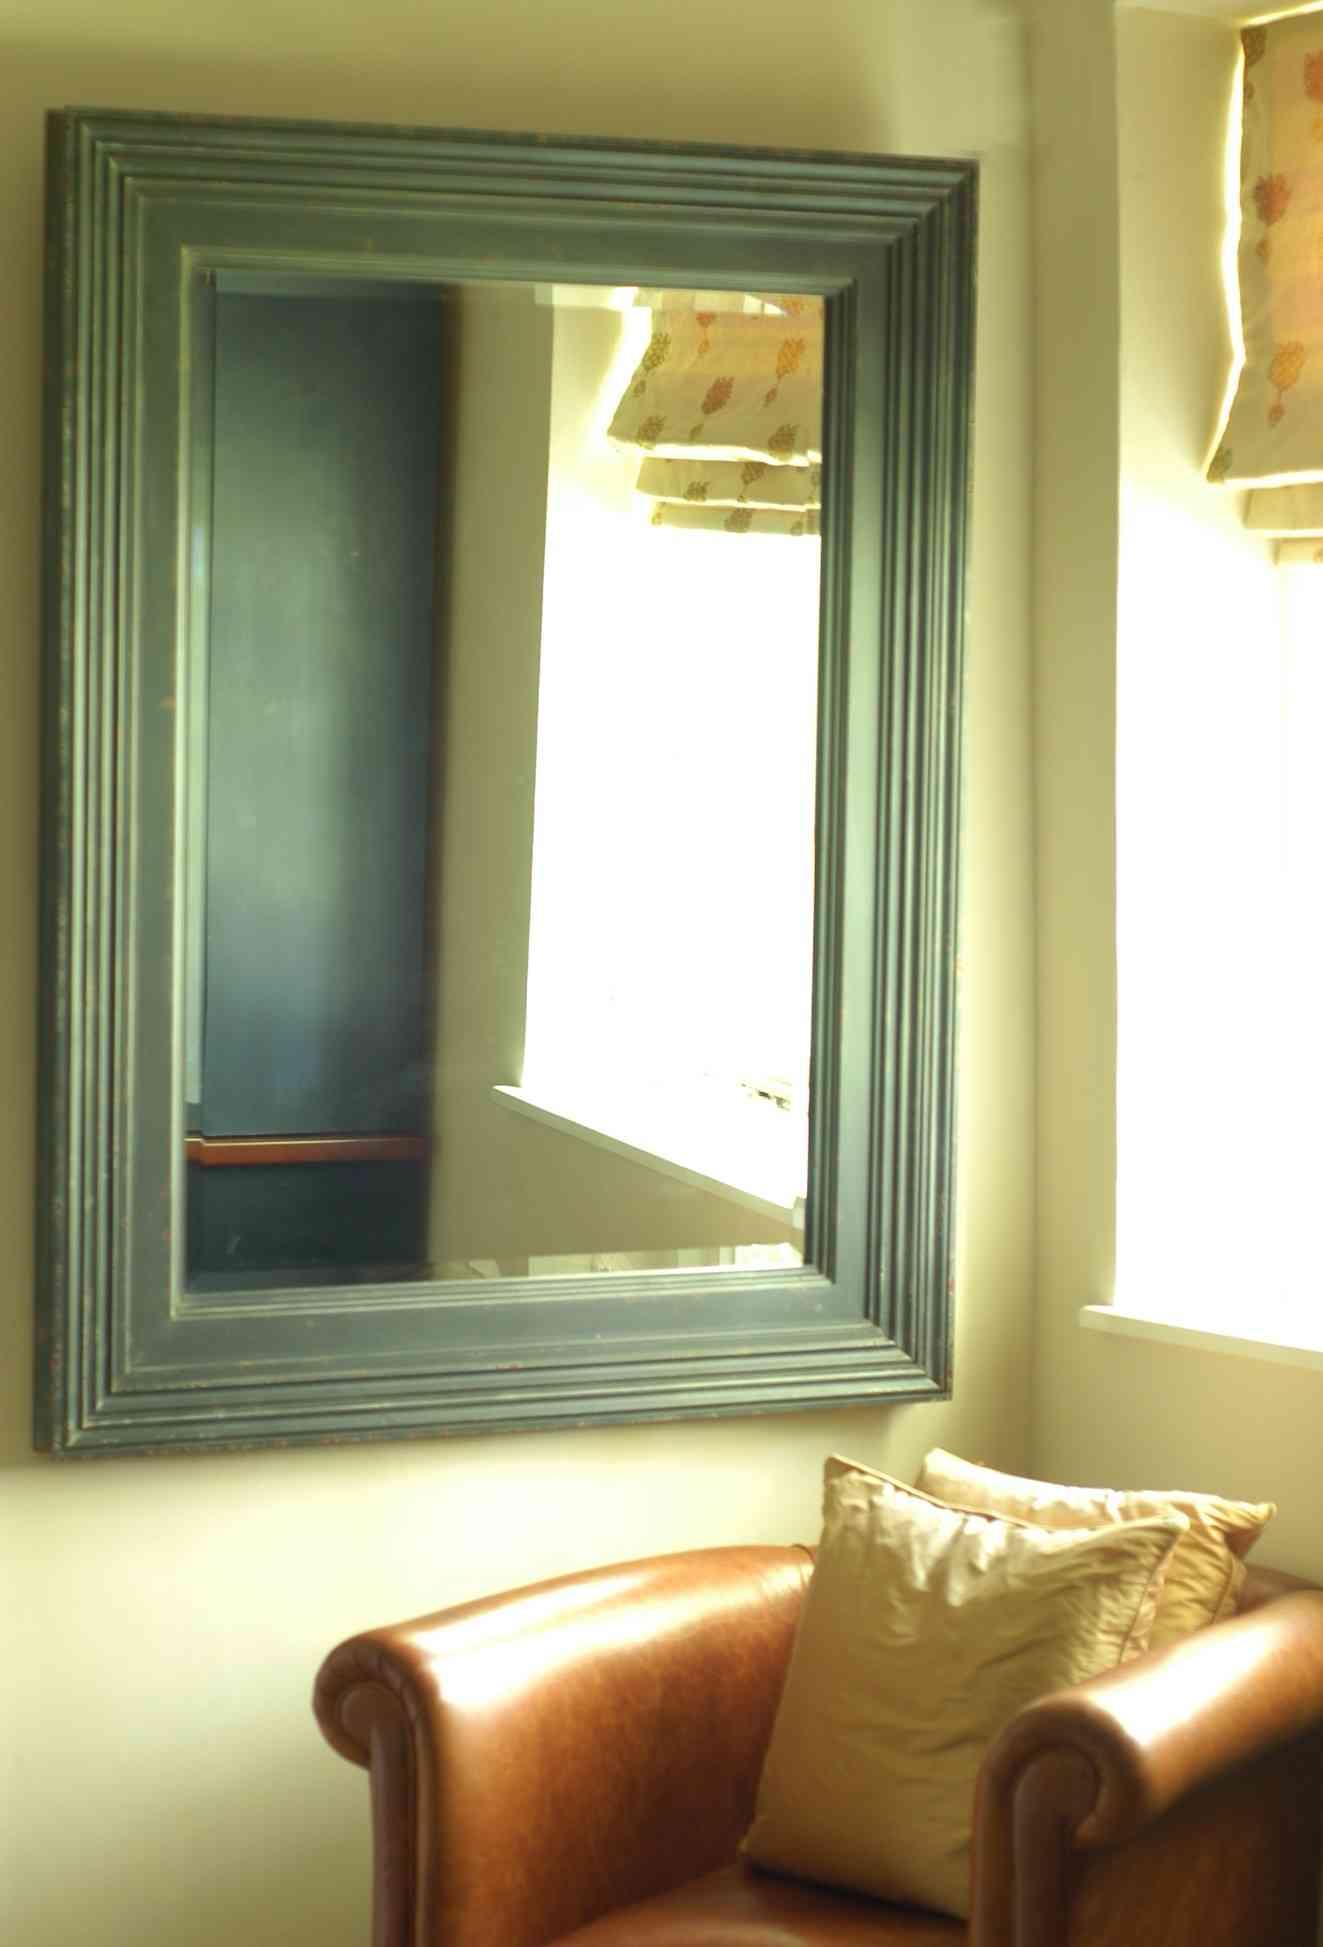 ventana y espejo